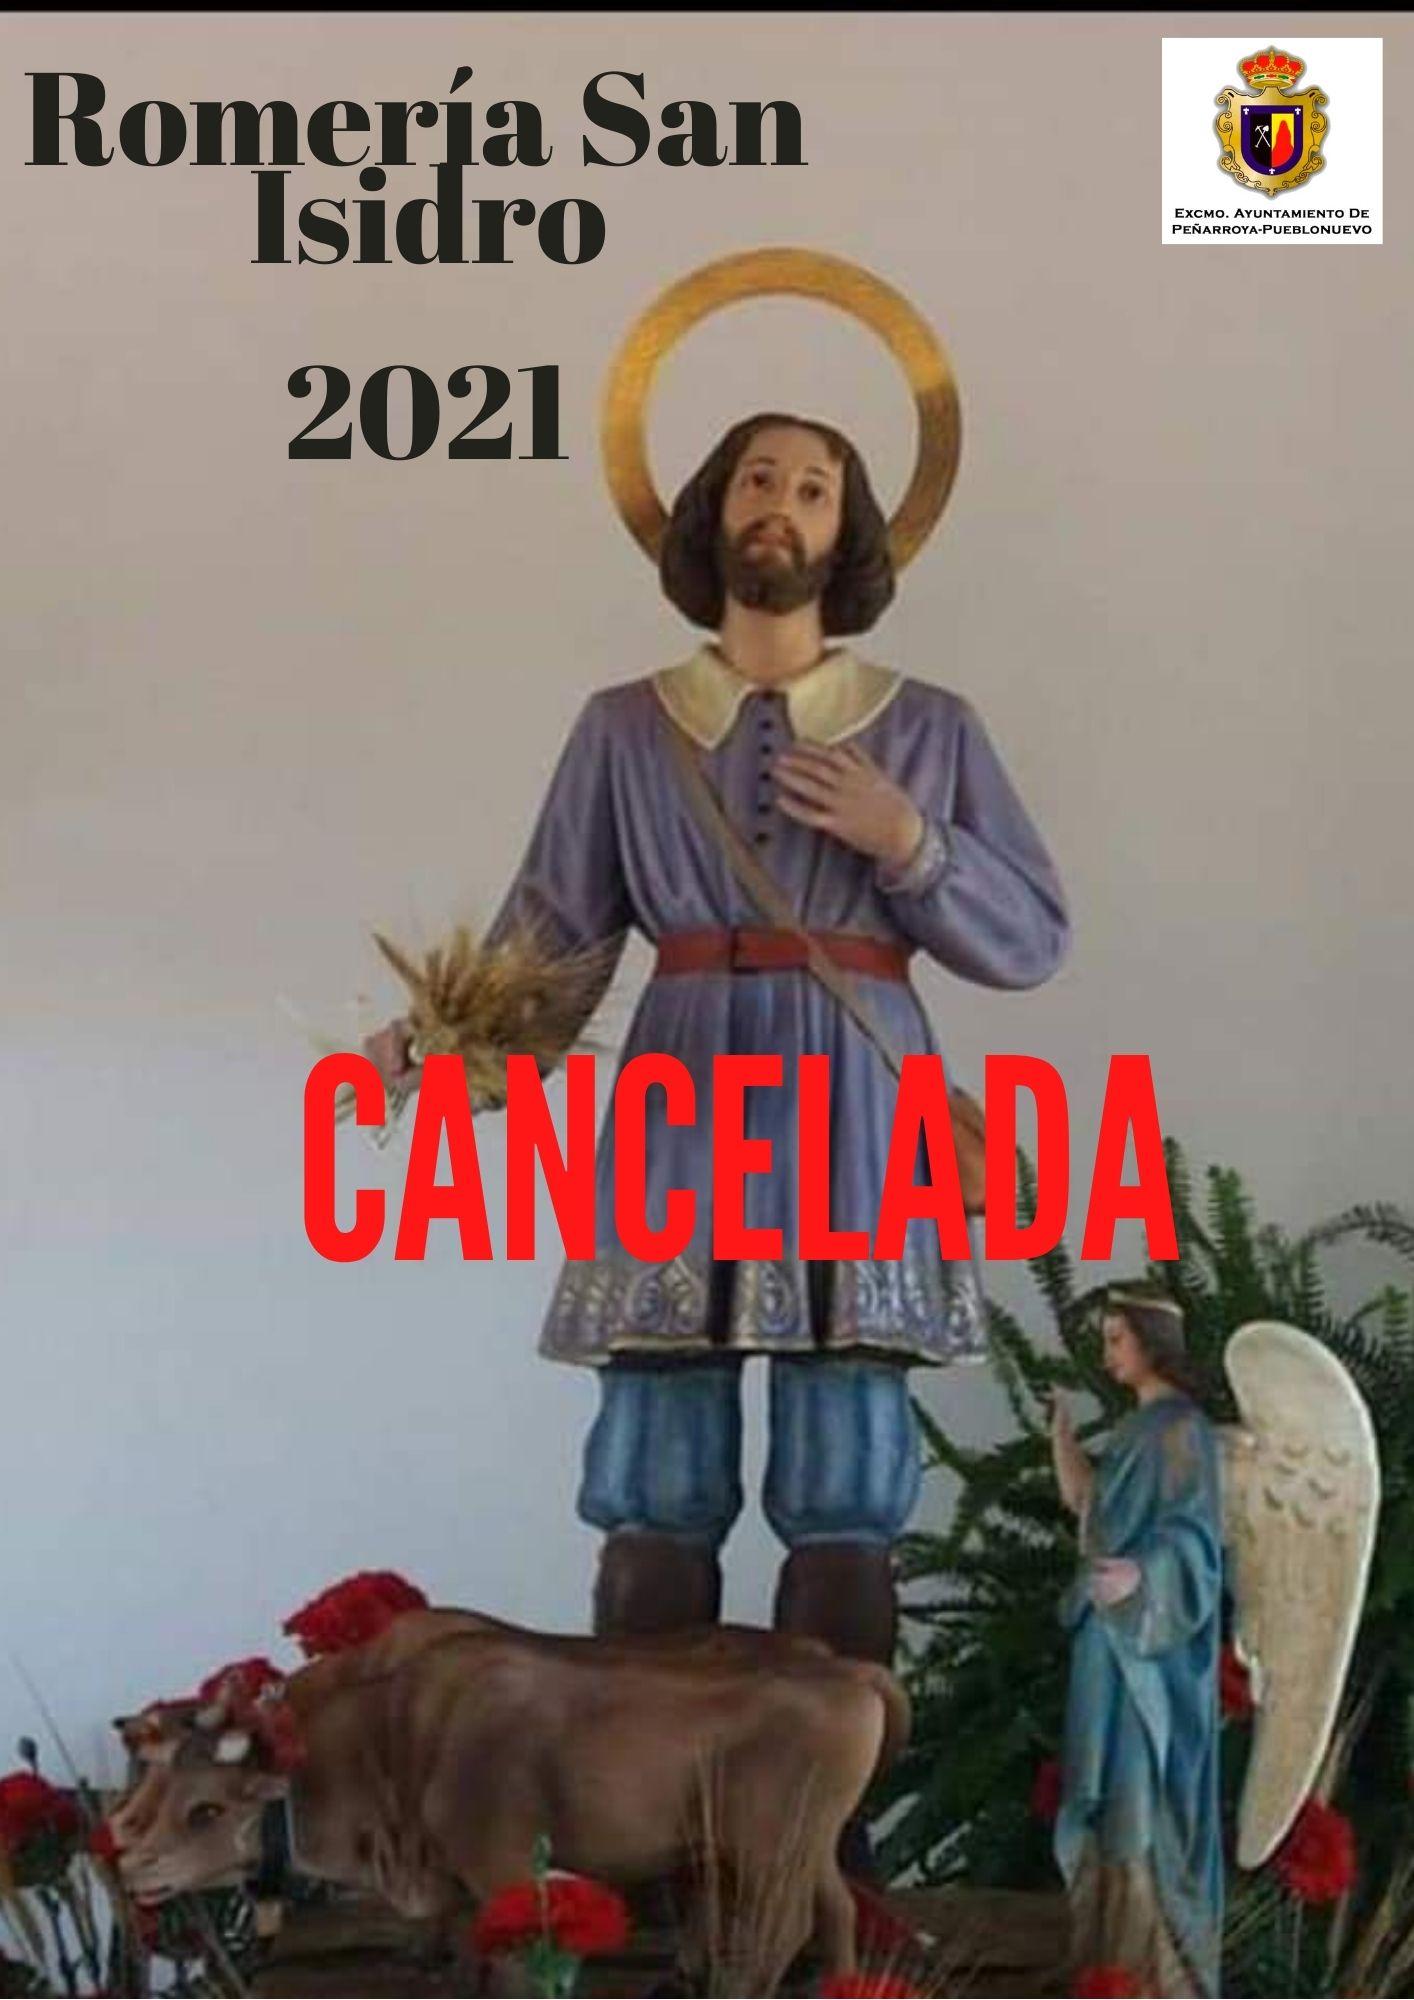 CANCELACIÓN ROMERÍA SAN ISIDRO 2021